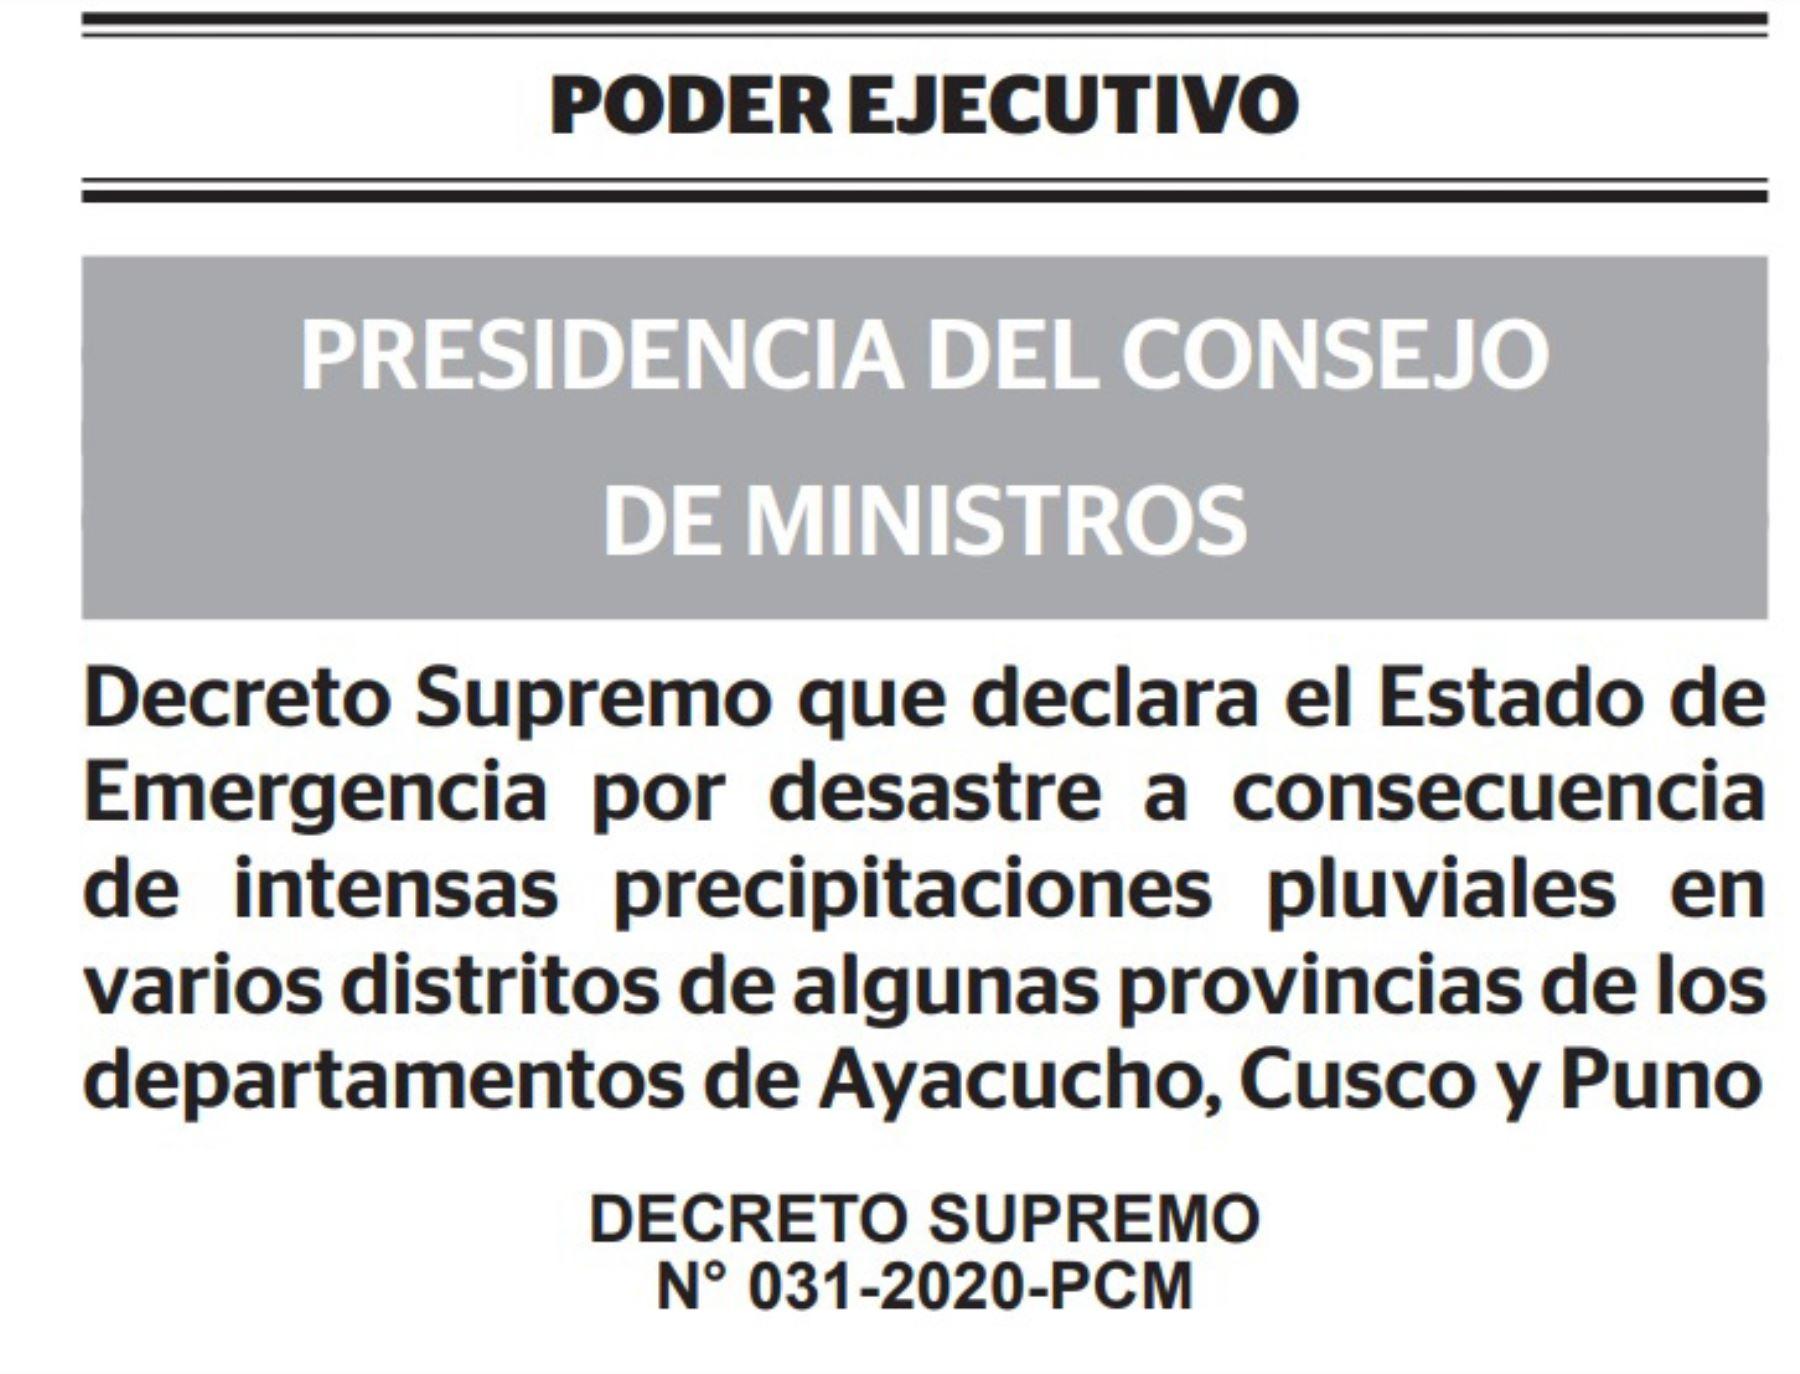 El poder Ejecutivo declaró el estado de emergencia debido a desastres por intensas lluvias en ocho distritos de las regiones Ayacucho, Cusco y Puno